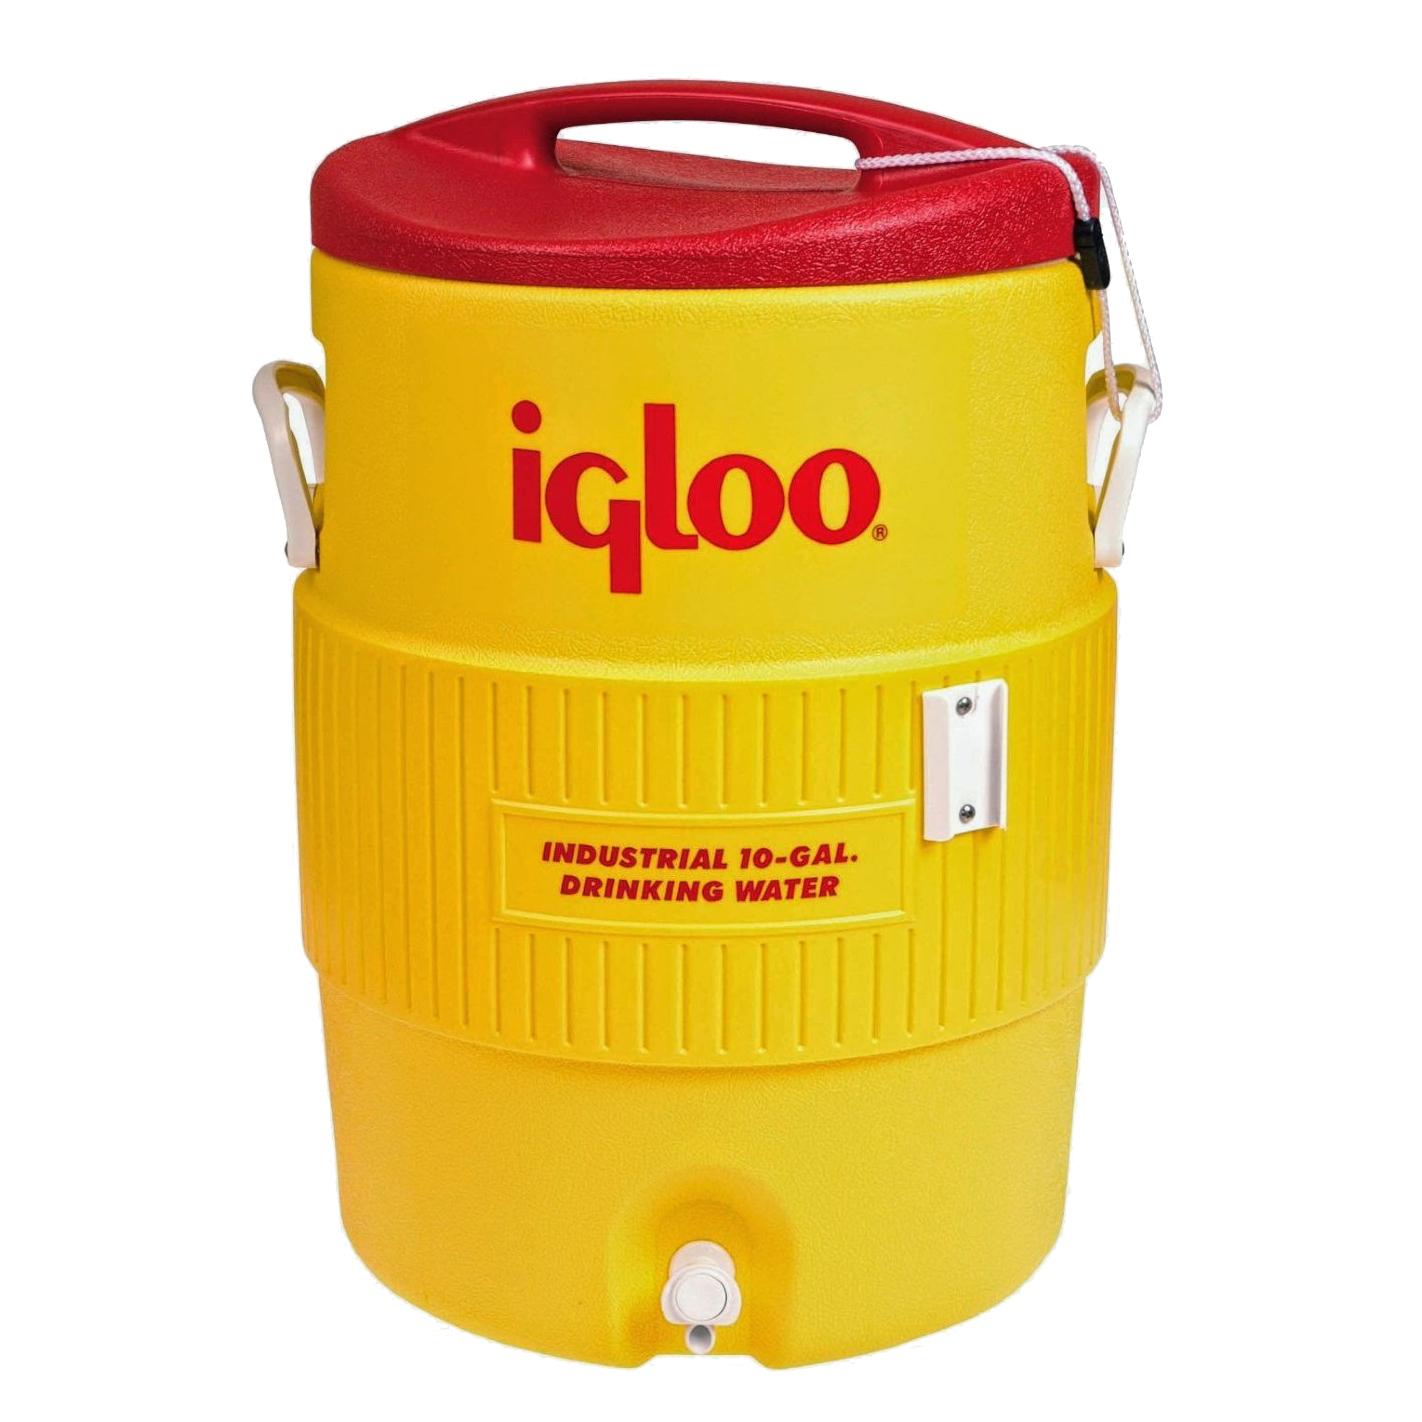 Изотермический контейнер (термобокс) Igloo 10 Gallon 400 Series Beverage Cooler (38 л.), желтый